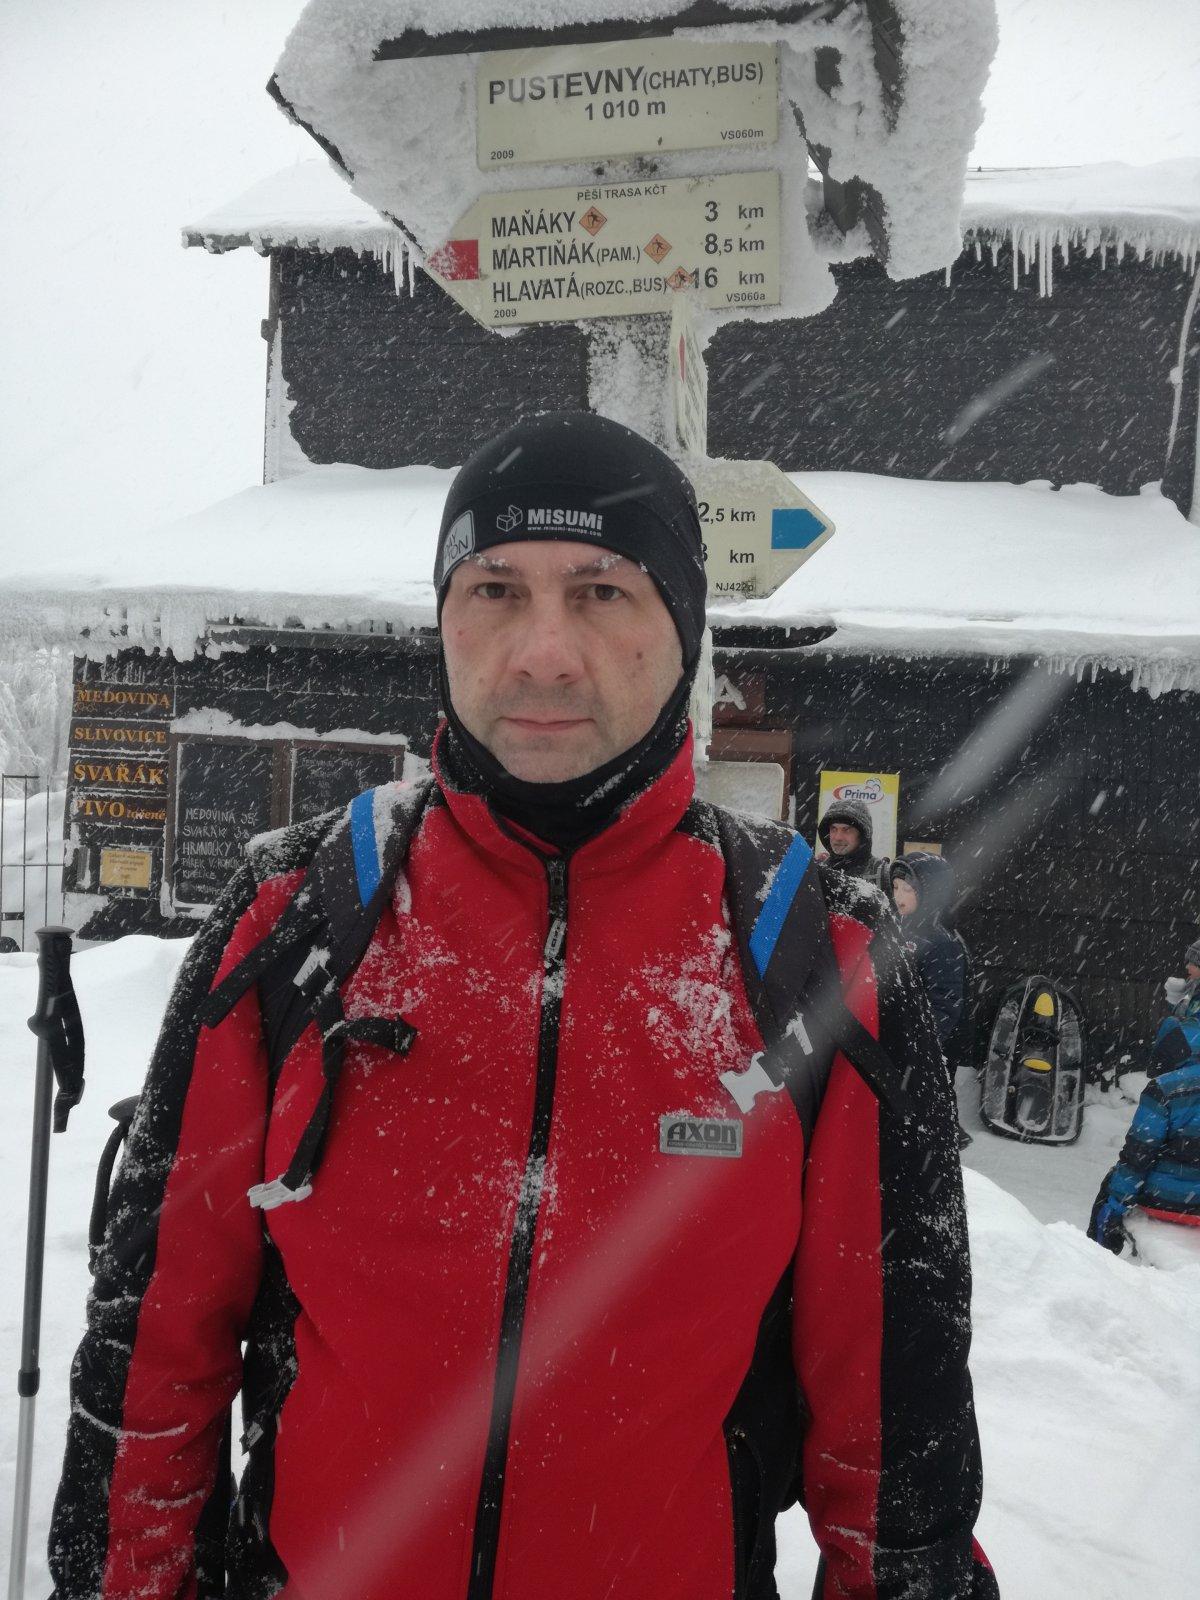 Jiří P na vrcholu Pustevny (26.1.2019 12:24)